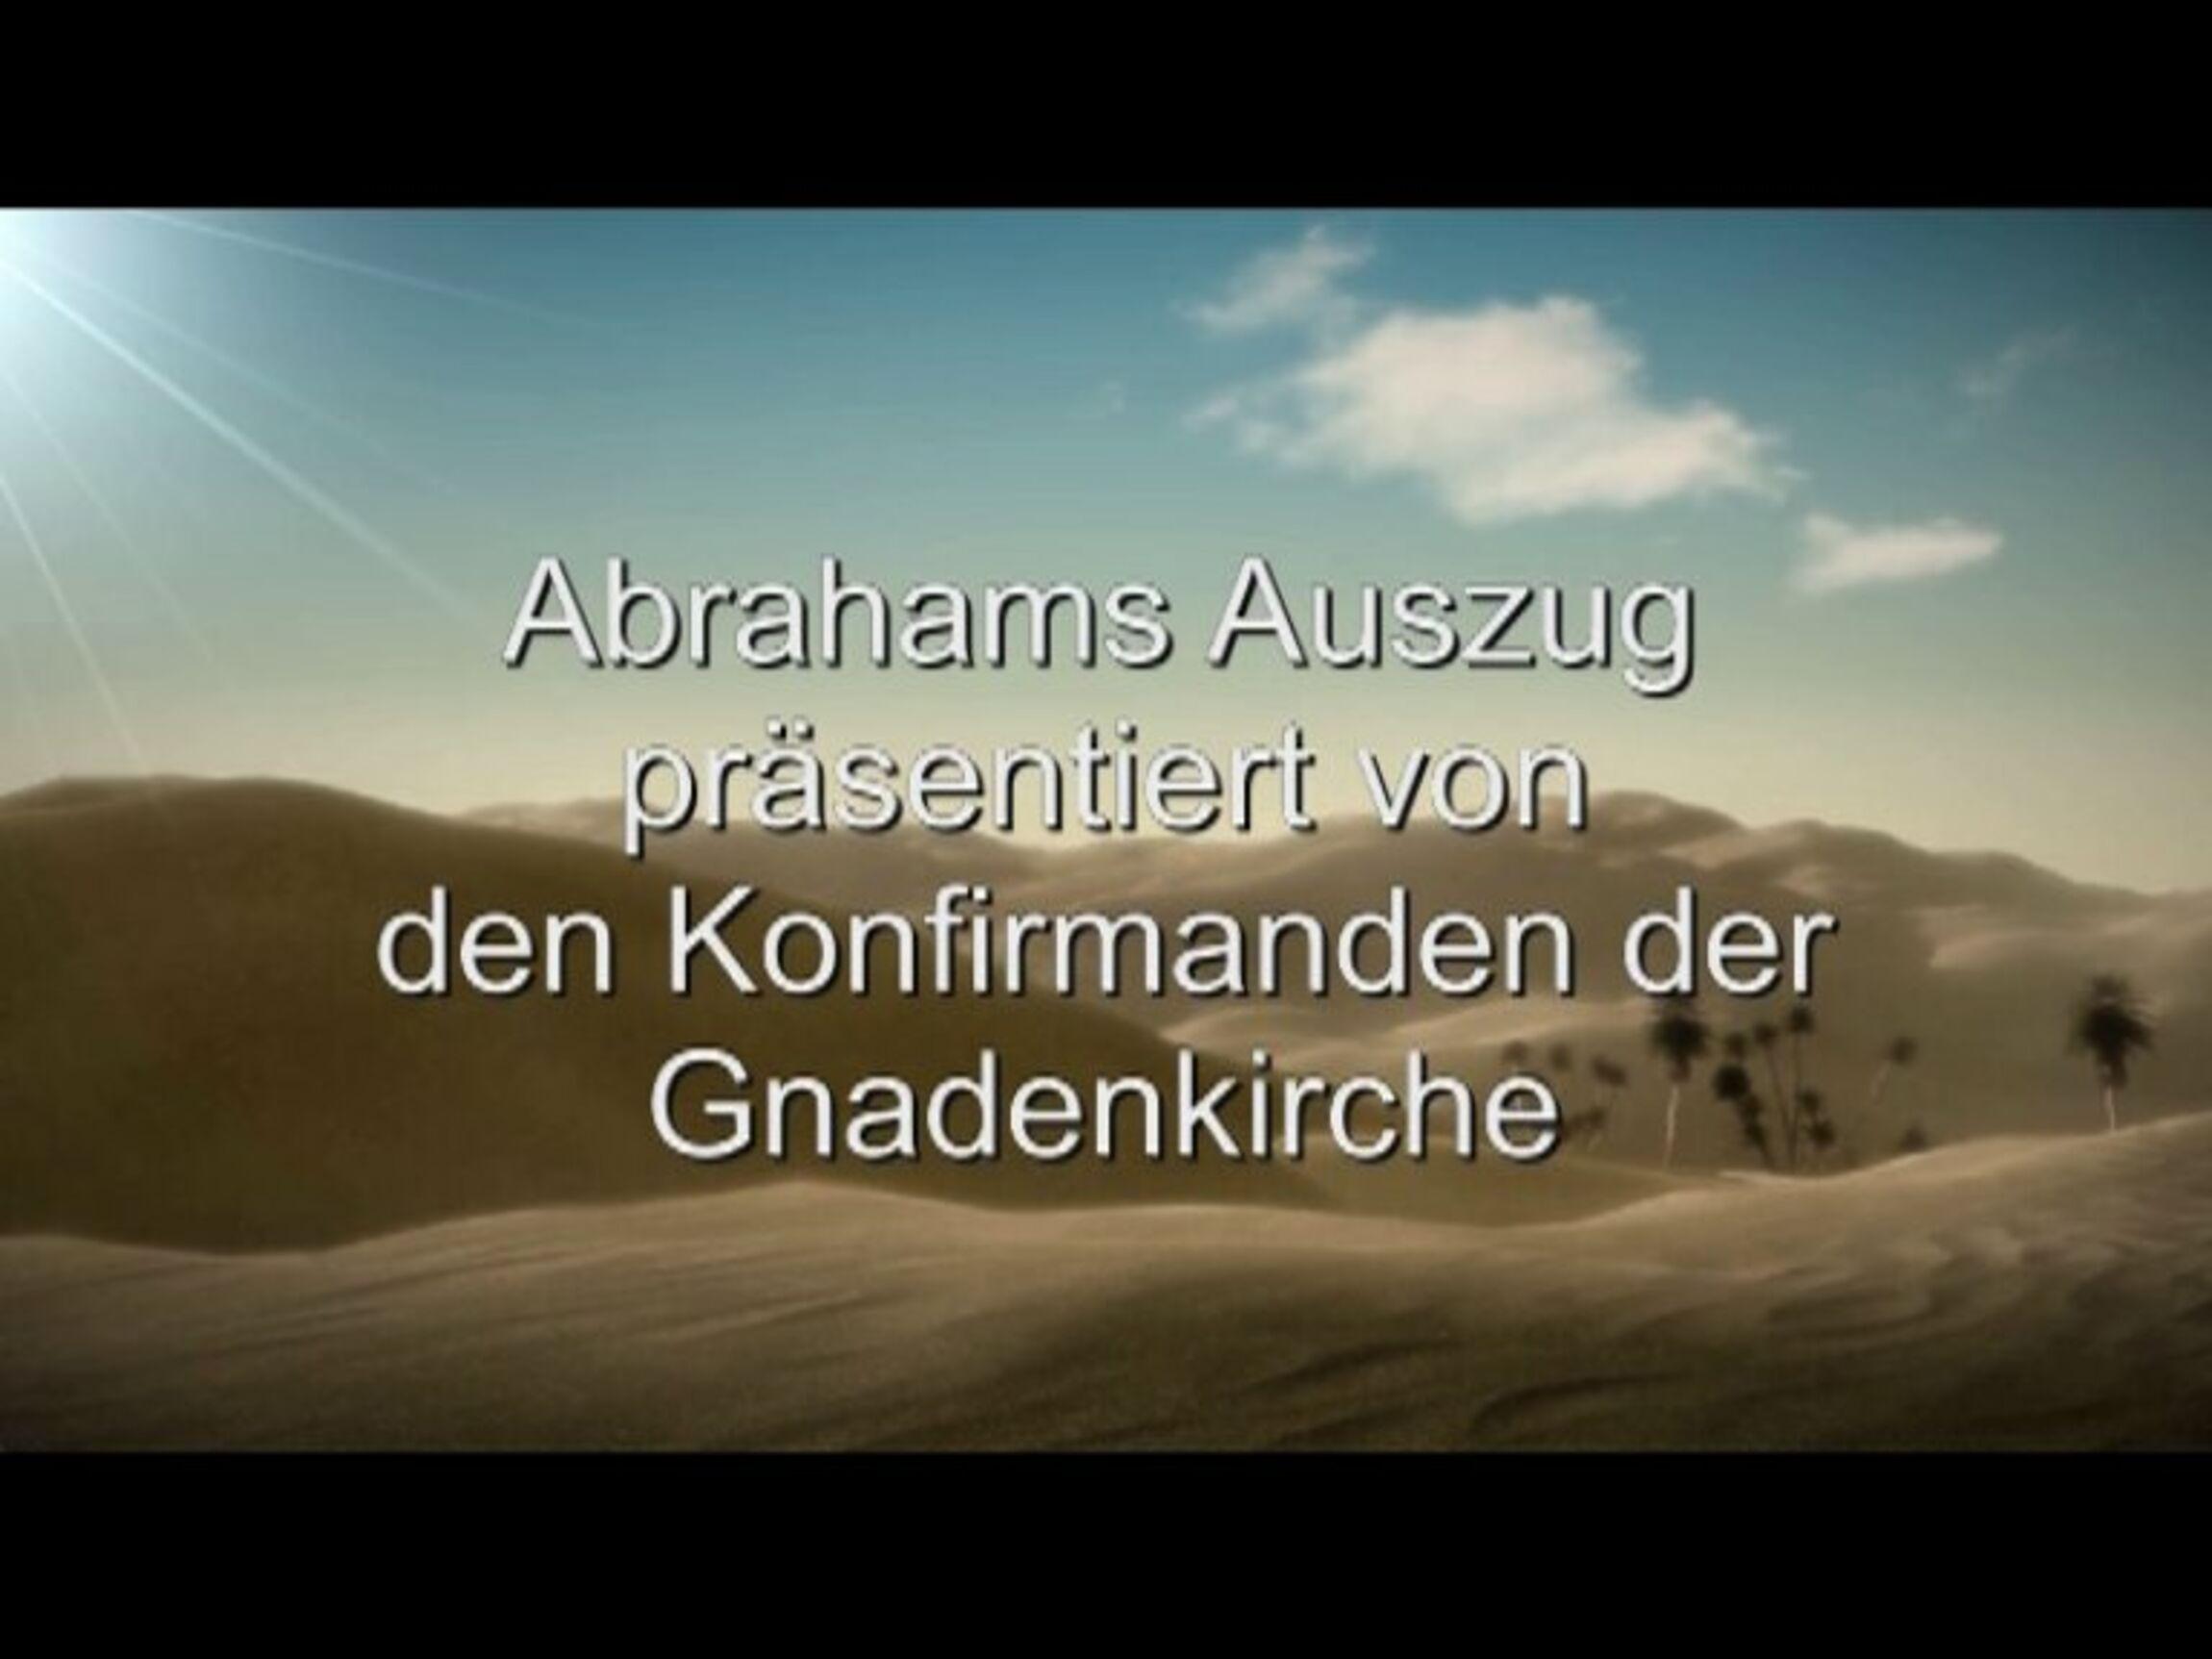 ku_abraham